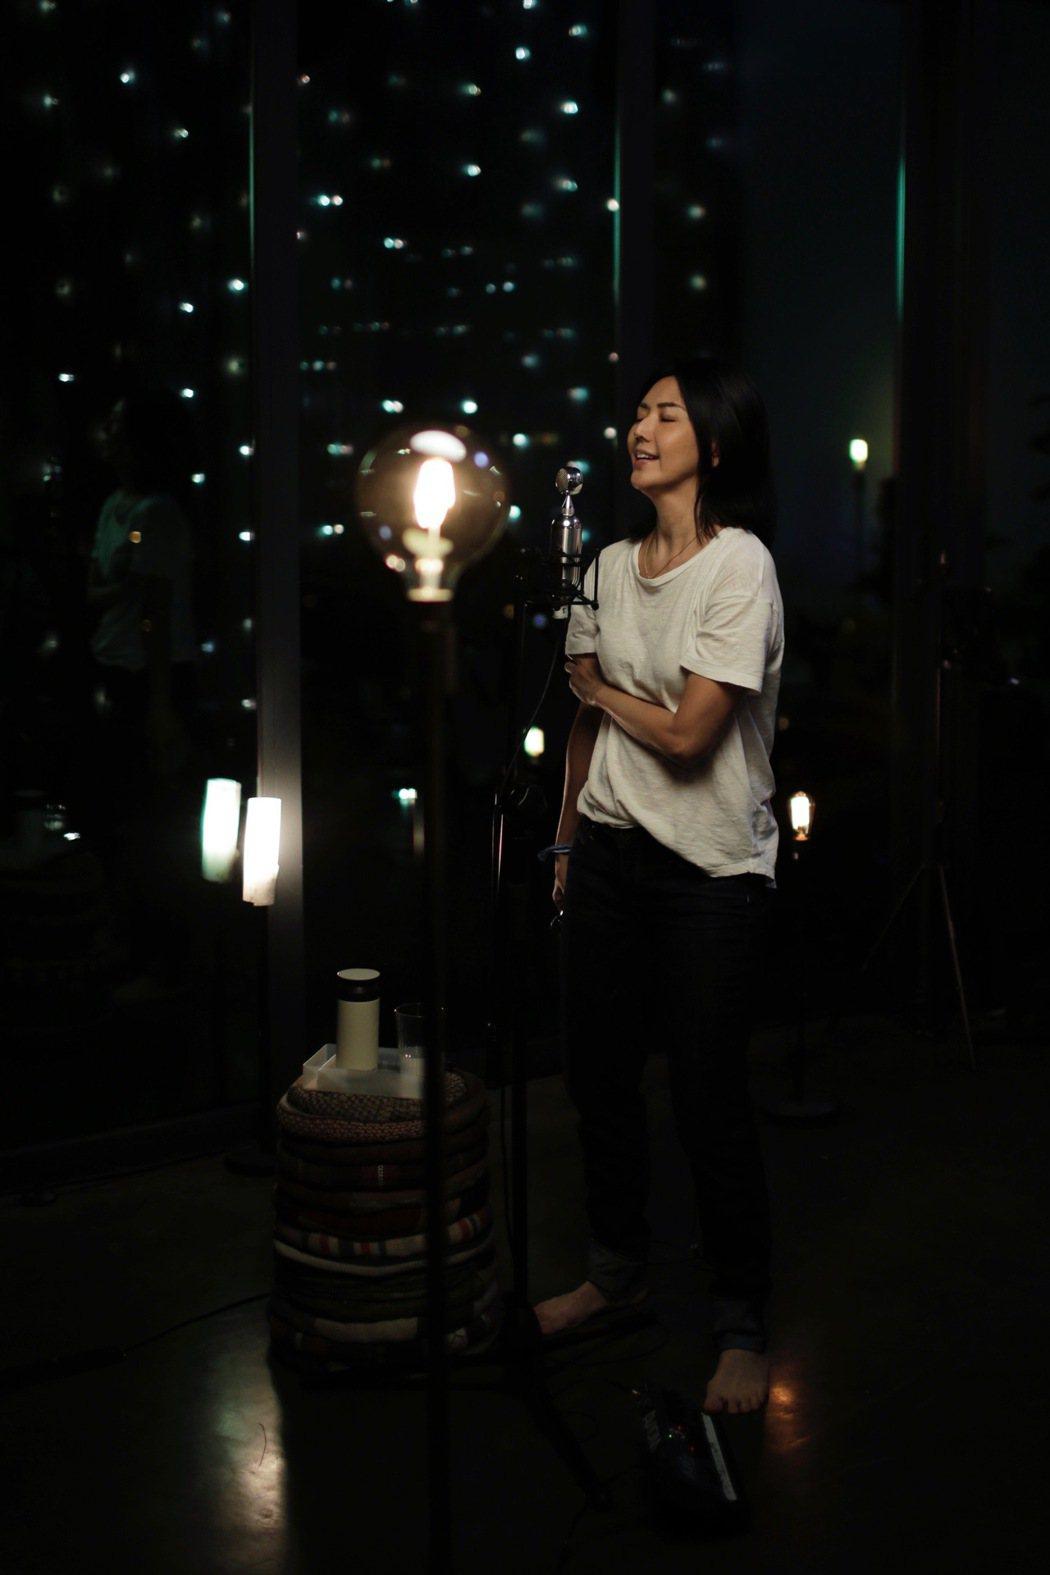 孫燕姿「圓夢」赤腳開唱。圖/環球音樂提供